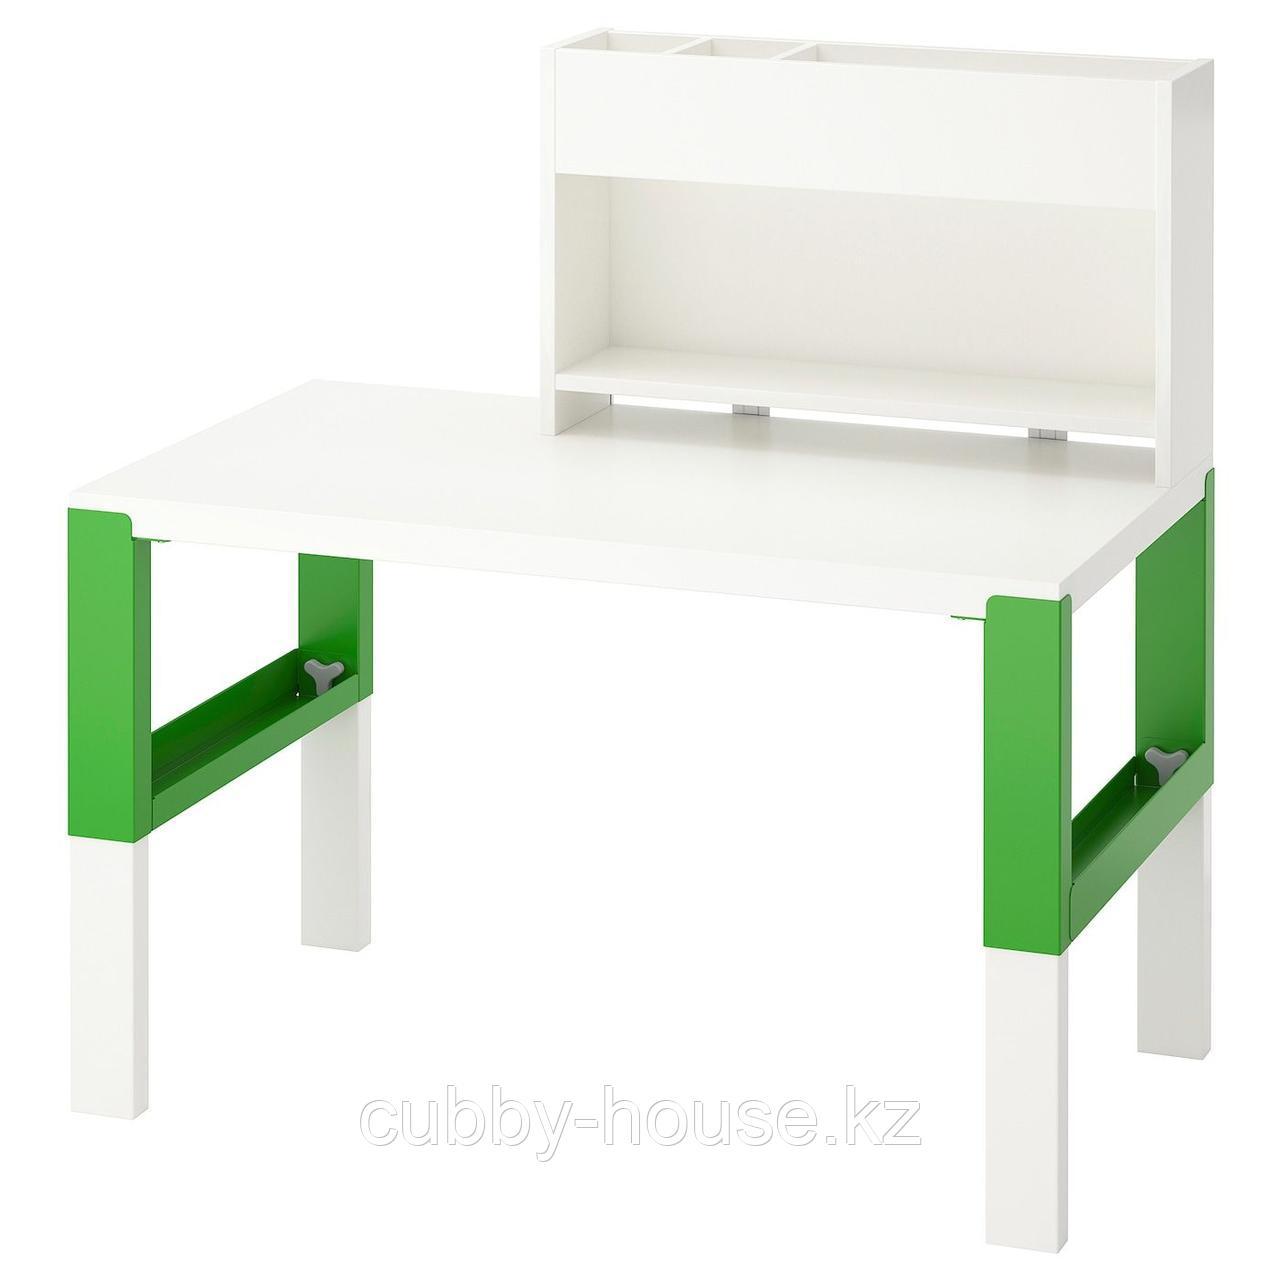 ПОЛЬ Стол с дополнительным модулем, белый, 96x58 см